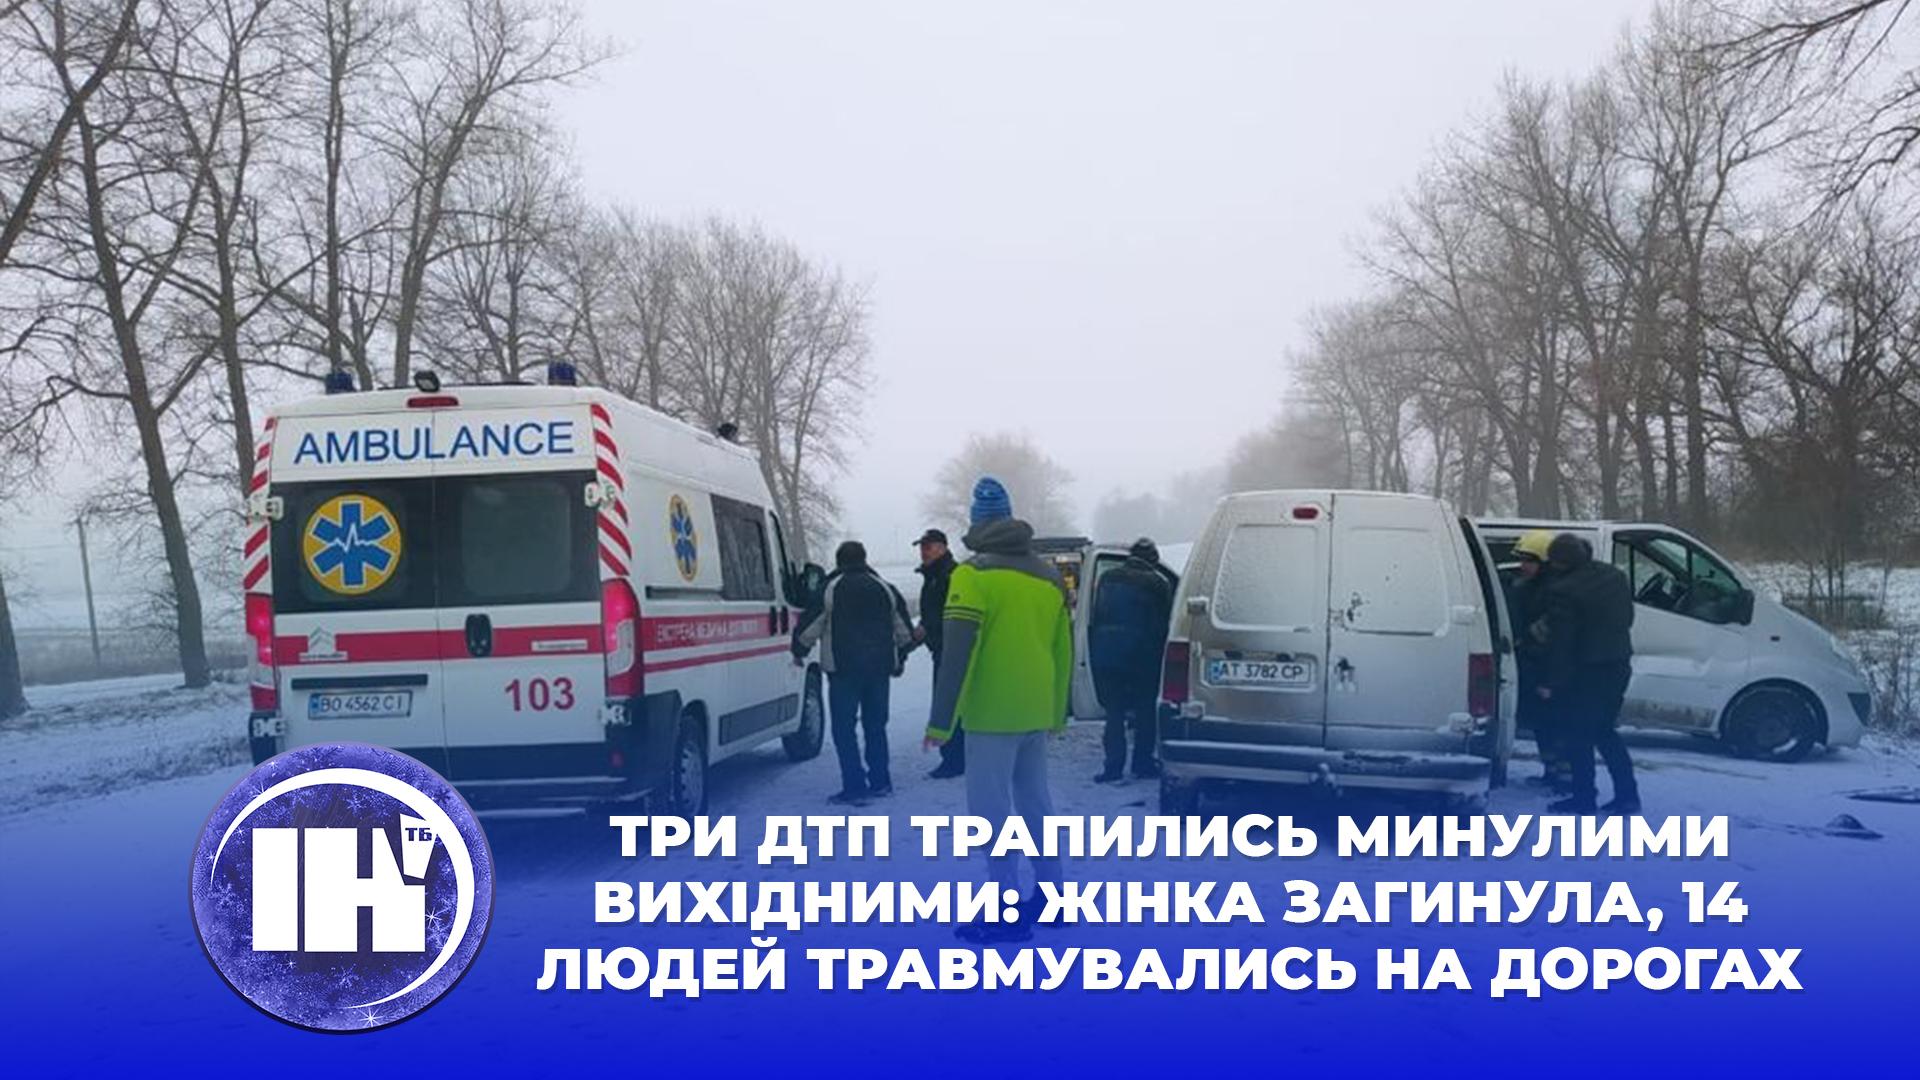 Три ДТП трапились минулими вихідними: жінка загинула, 14 людей травмувались на дорогах Тернопільщини